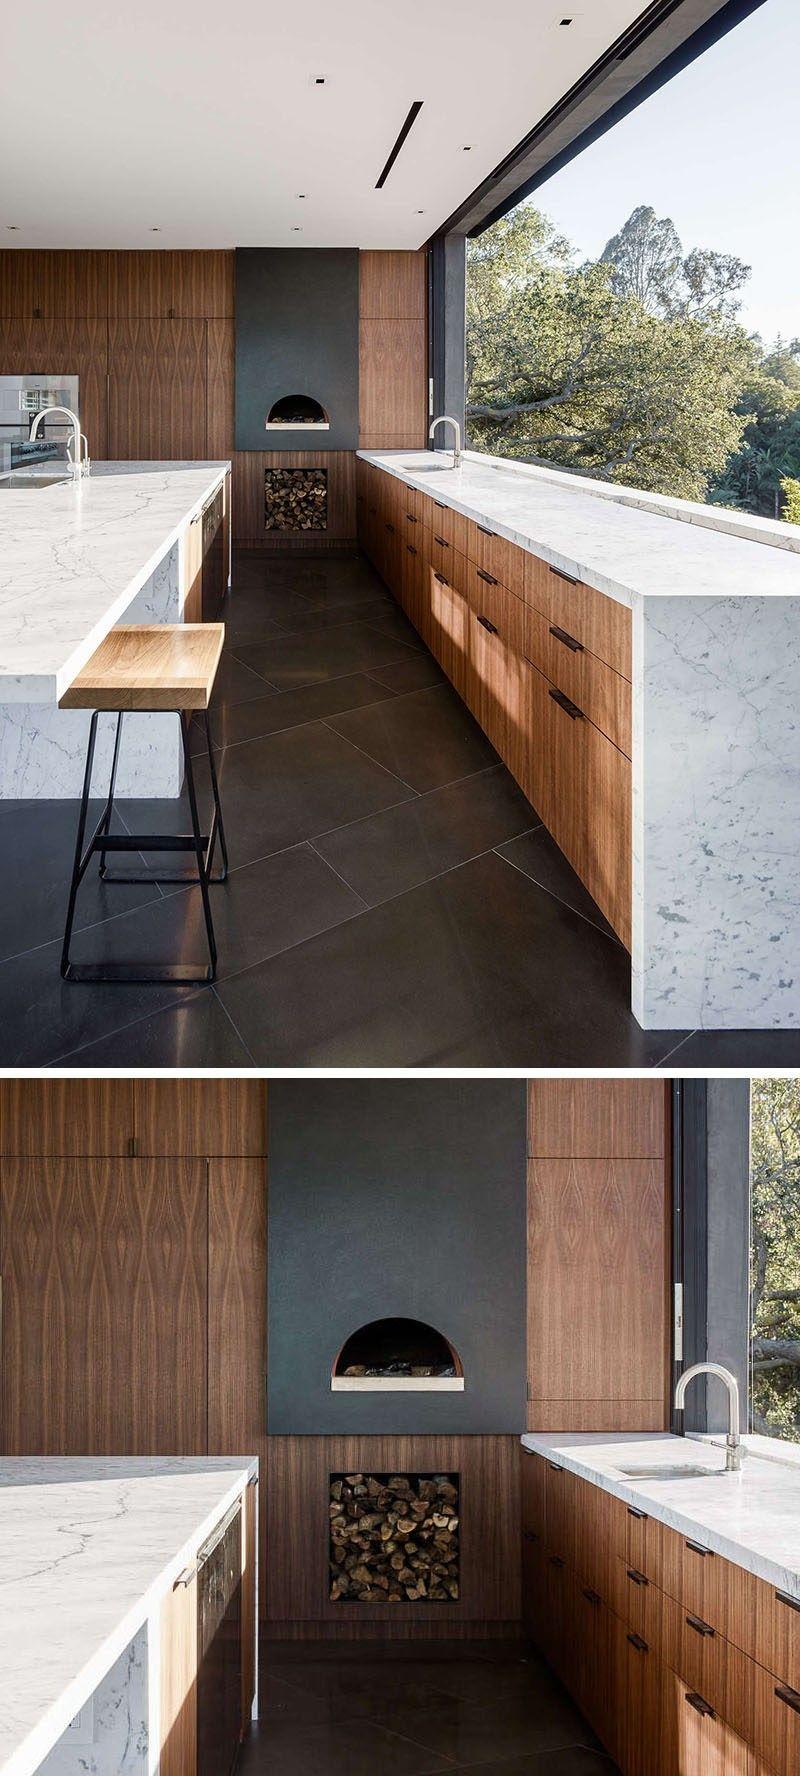 Kche Design Ideen gehren A gebaut In Holz Feuer Ofen